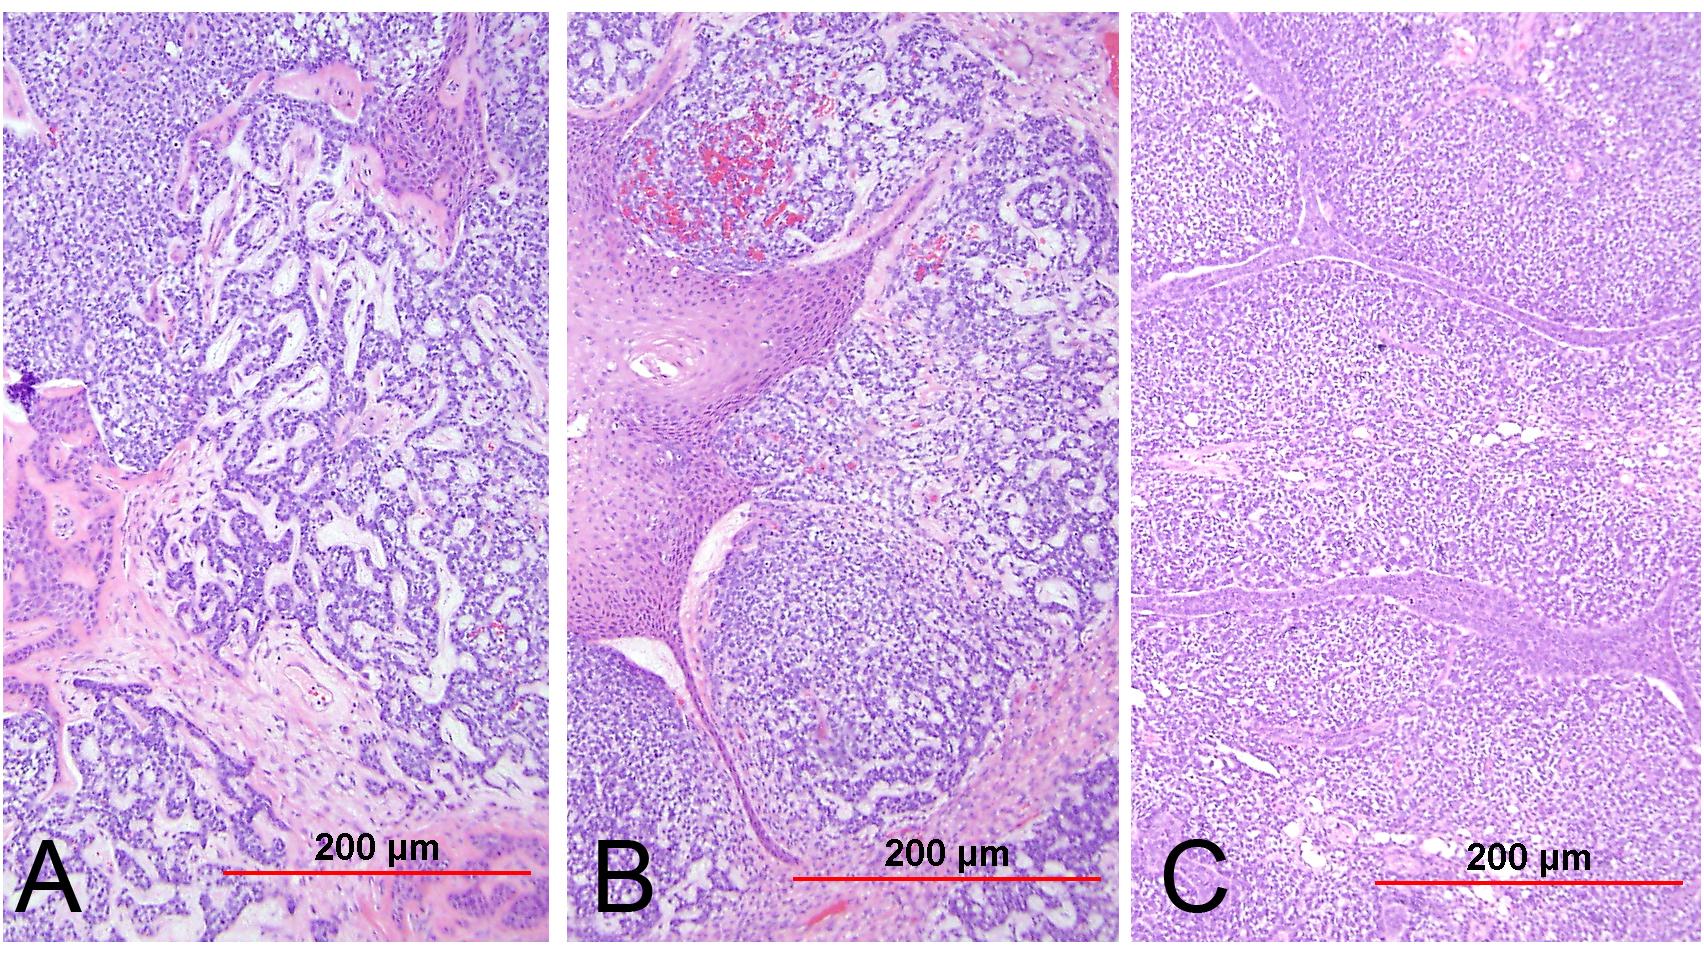 squamous cell papilloma webpathology)